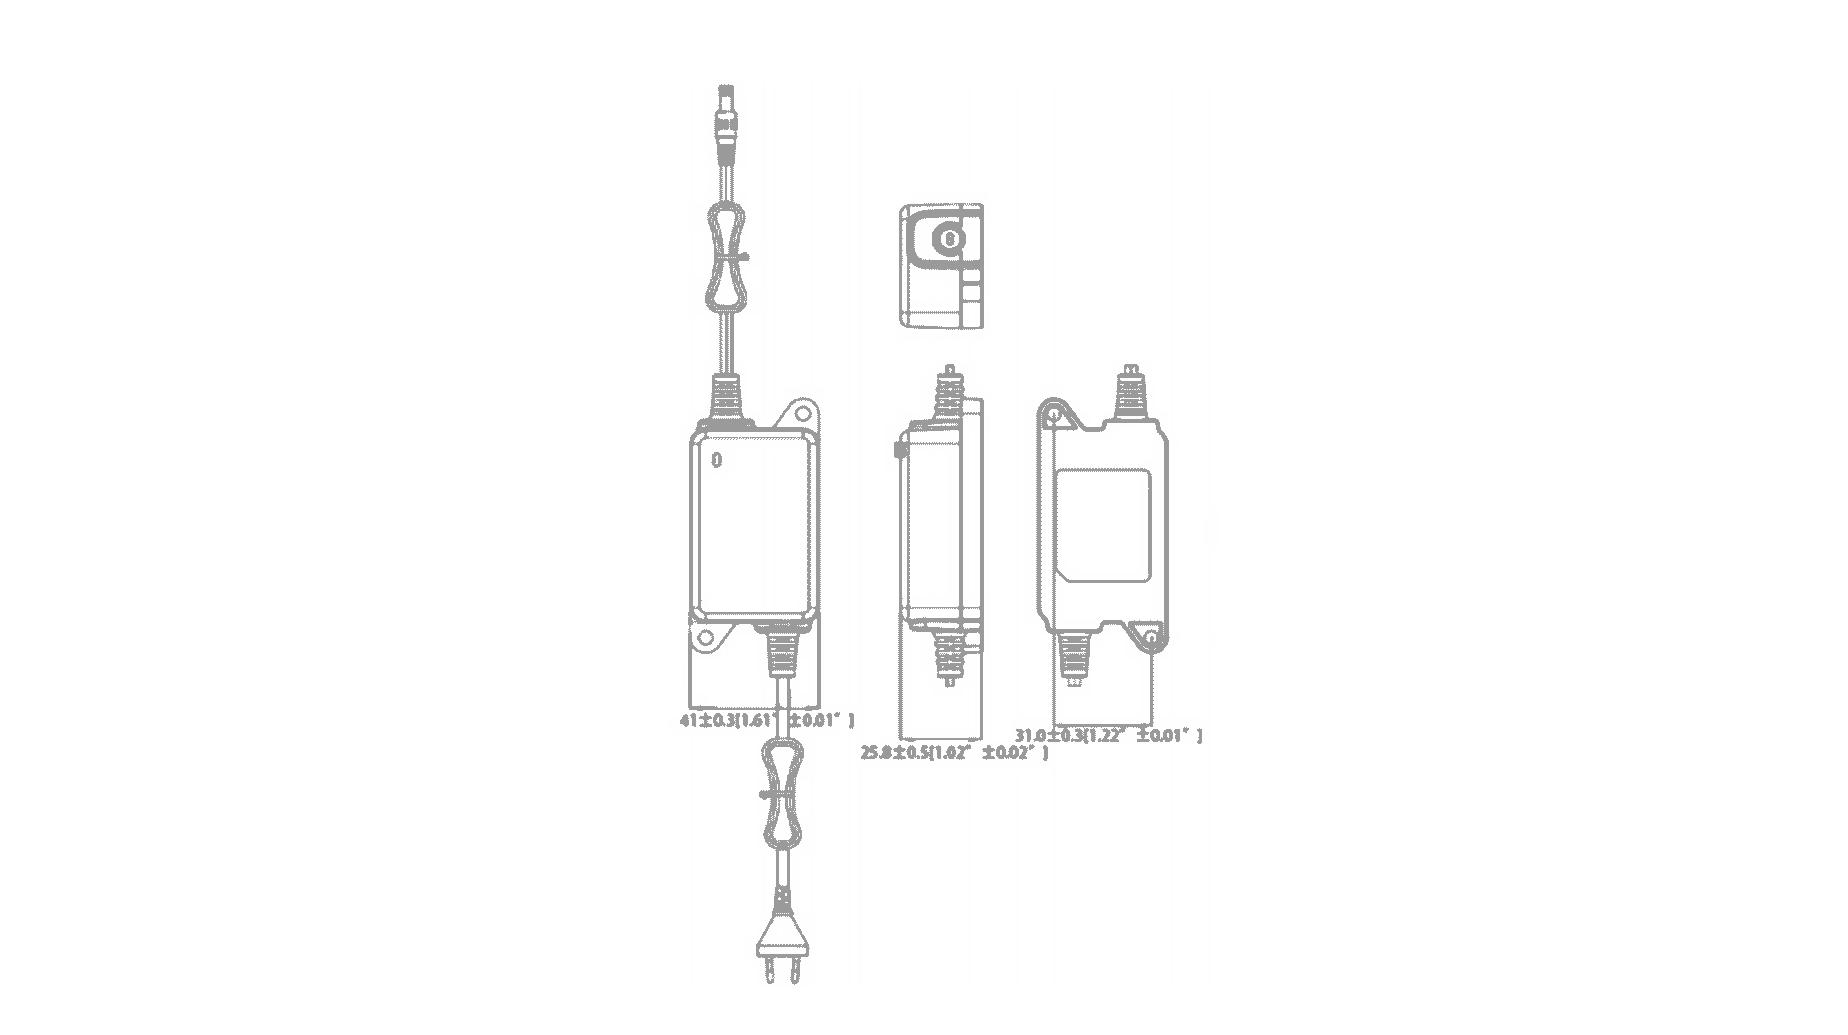 Sisterma-de-control-de-acceso-y-de-asistencia-basico-brinda-acceso-al-personal-por-medio-de-huella-y-tarjeta-con-boton-liberador--Dahua-PFM321-YLI-SAXXON-3